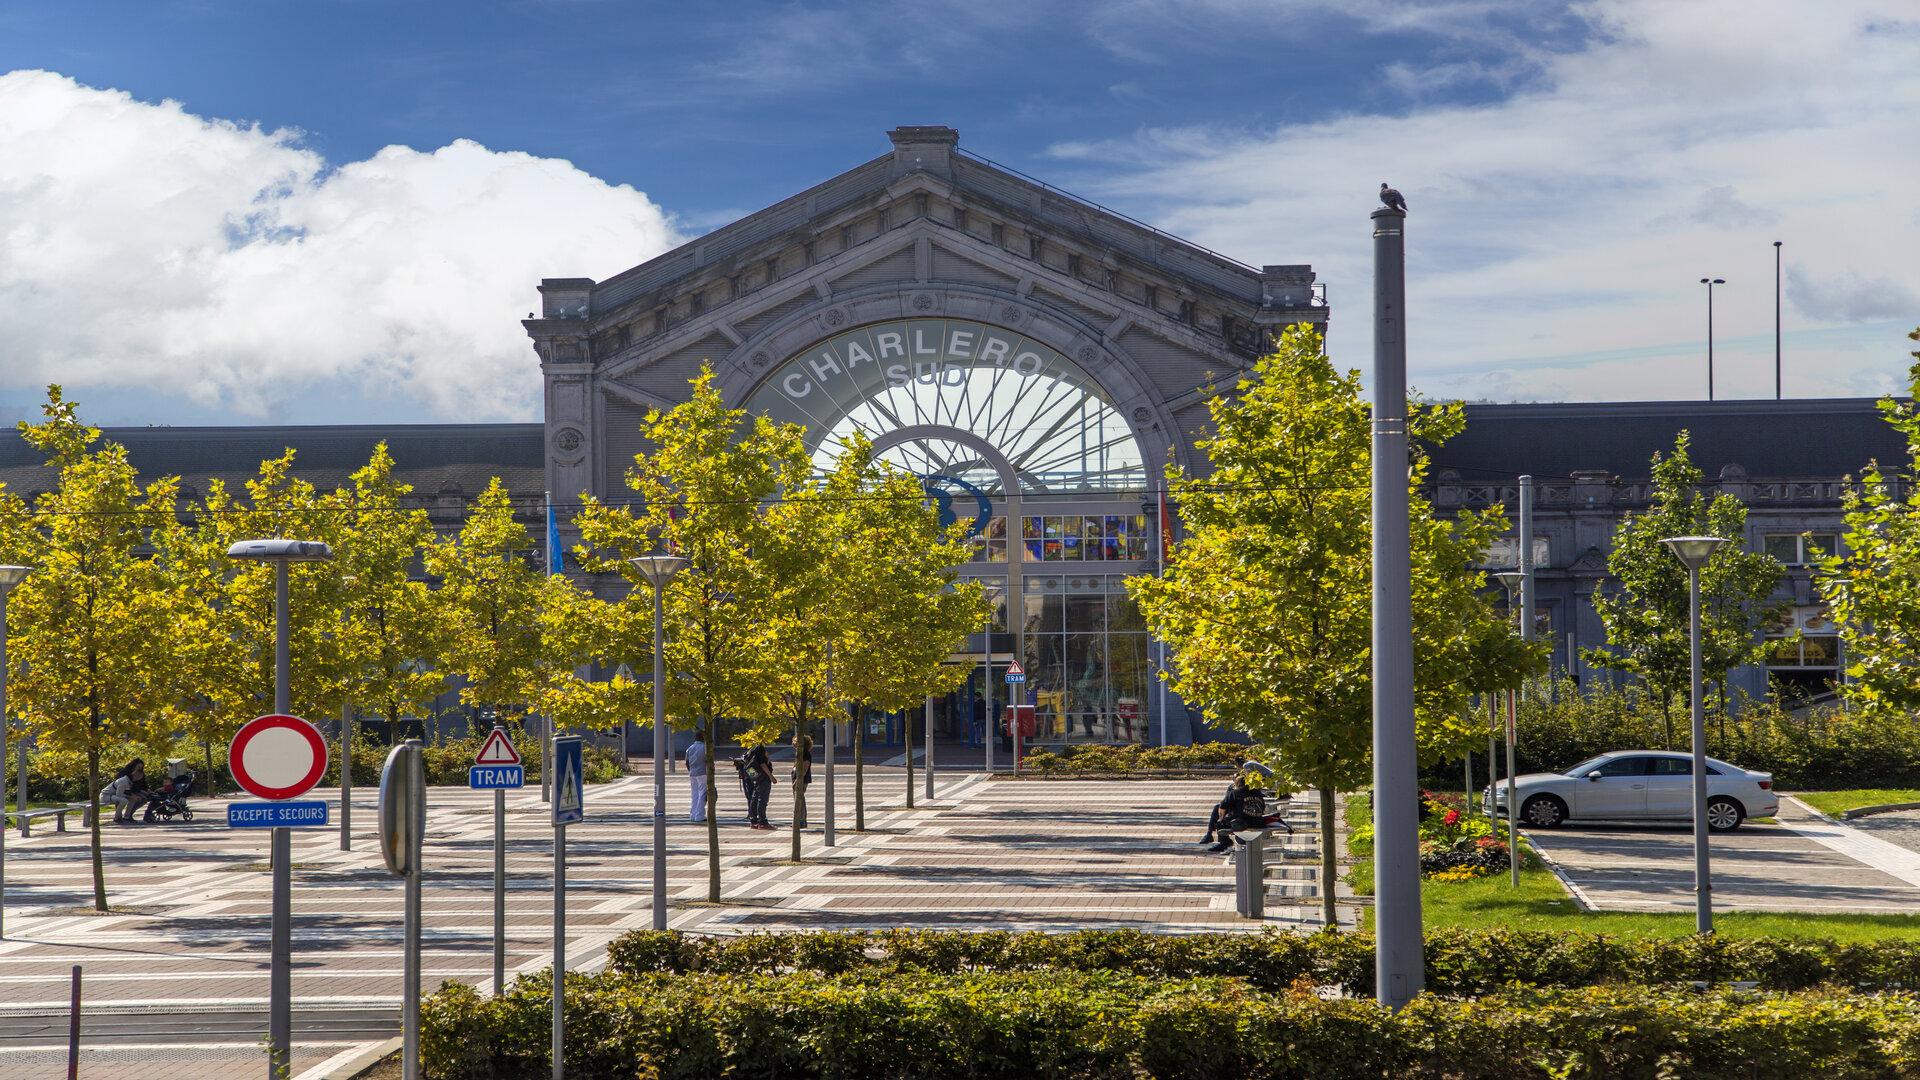 Le top 5 des visites insolites à Charleroi